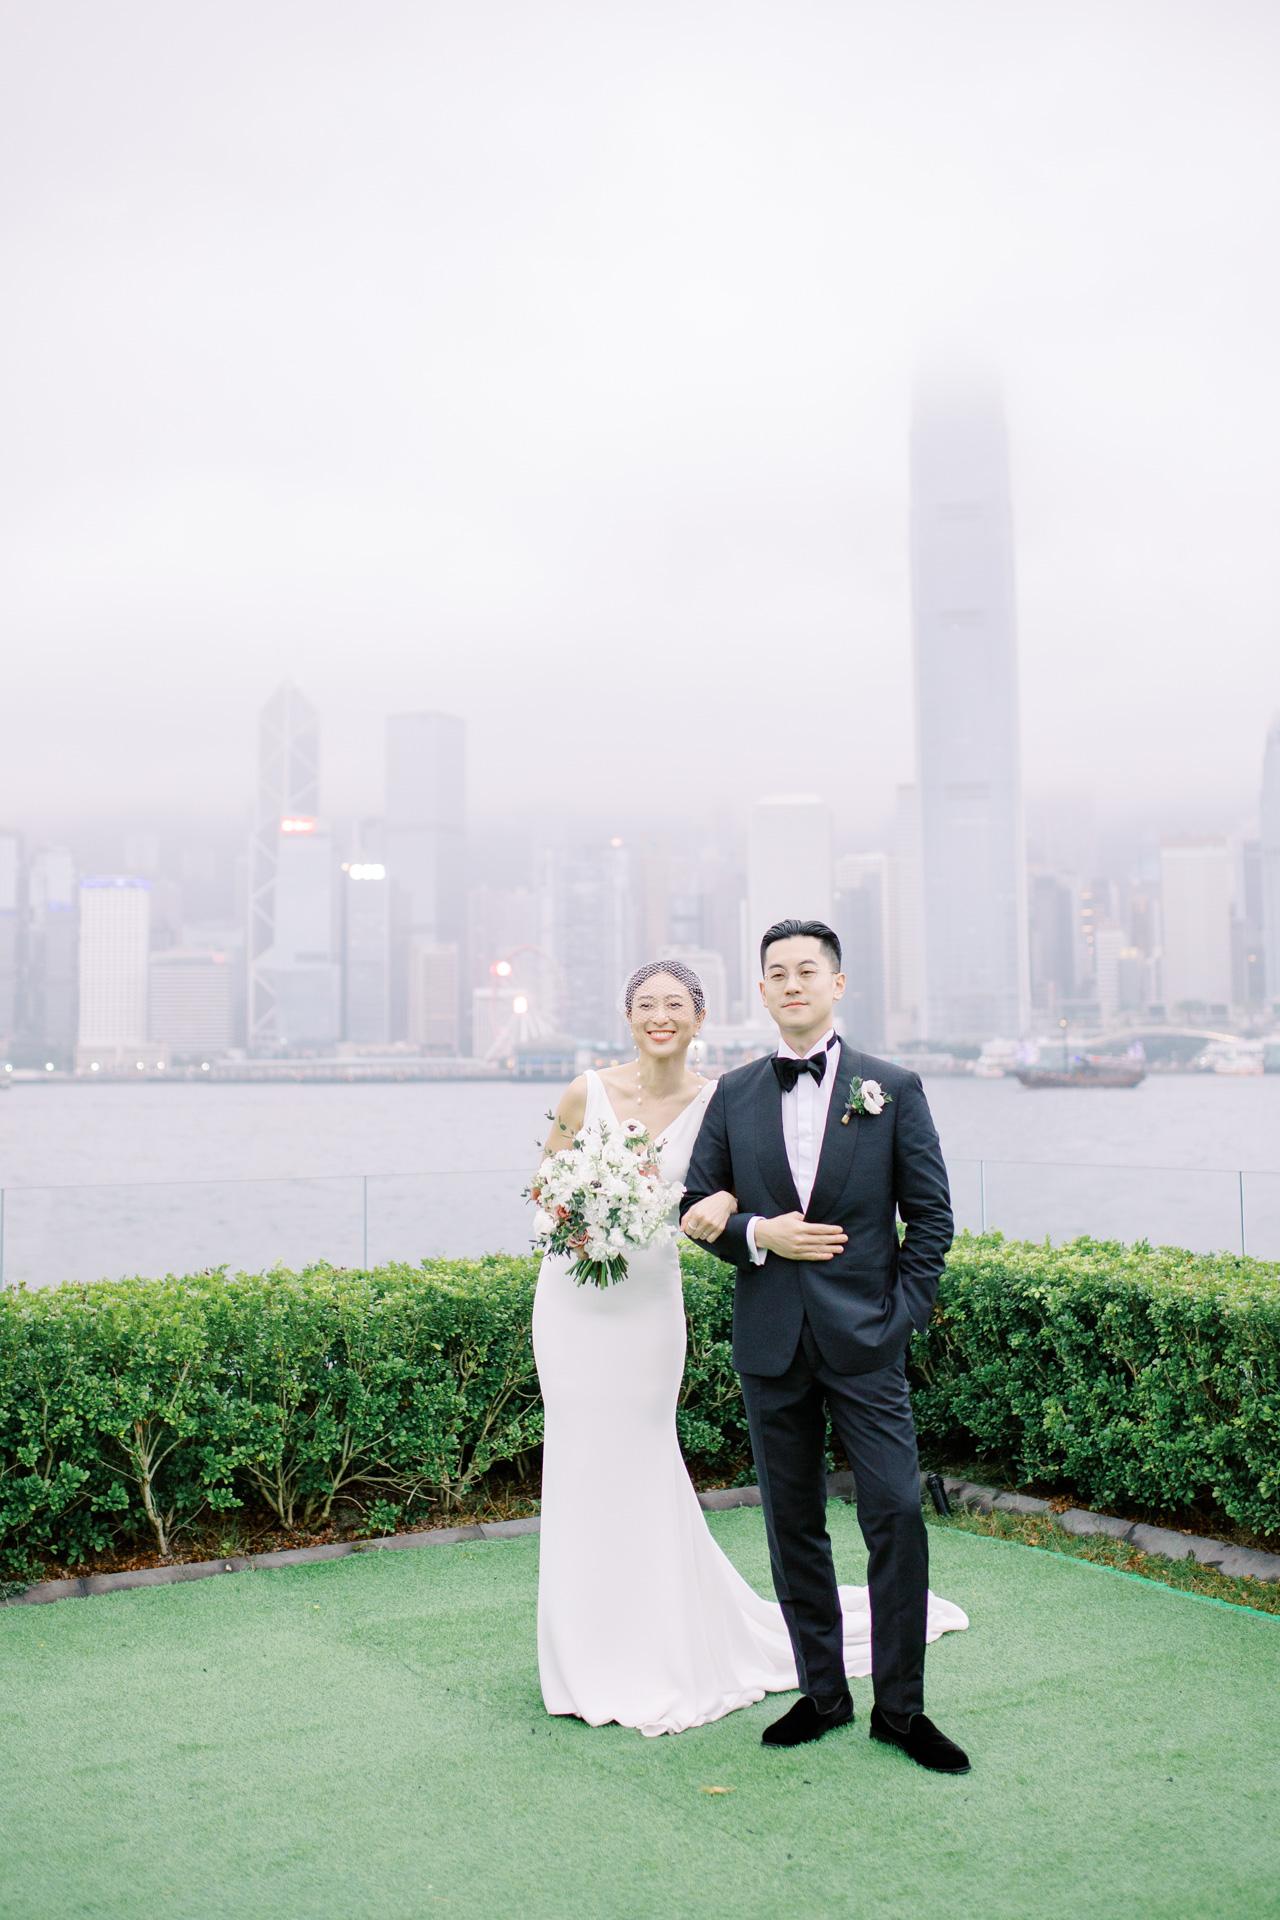 nikkiloveu-hongkong-wedding-day-hexa-ant-cat-lauhaus-026.jpg